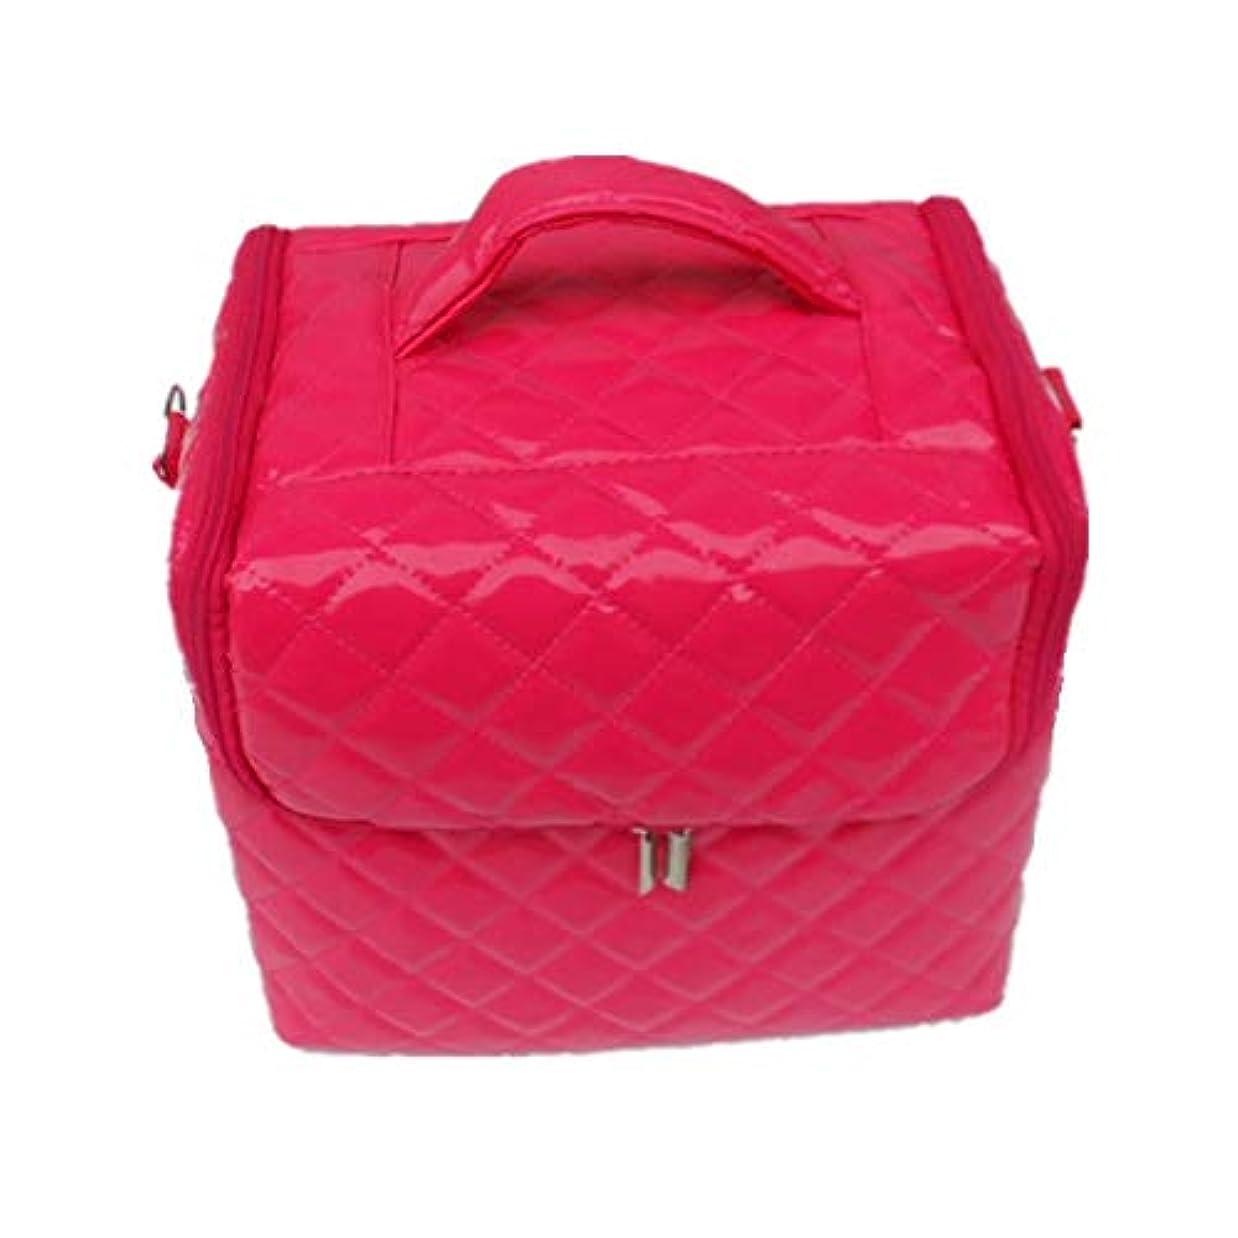 階段スカイマトリックス化粧オーガナイザーバッグ 美容メイクアップのための大容量ポータブル化粧品バッグと女性の女性の旅行とジッパーと折り畳みトレイで毎日のストレージ用 化粧品ケース